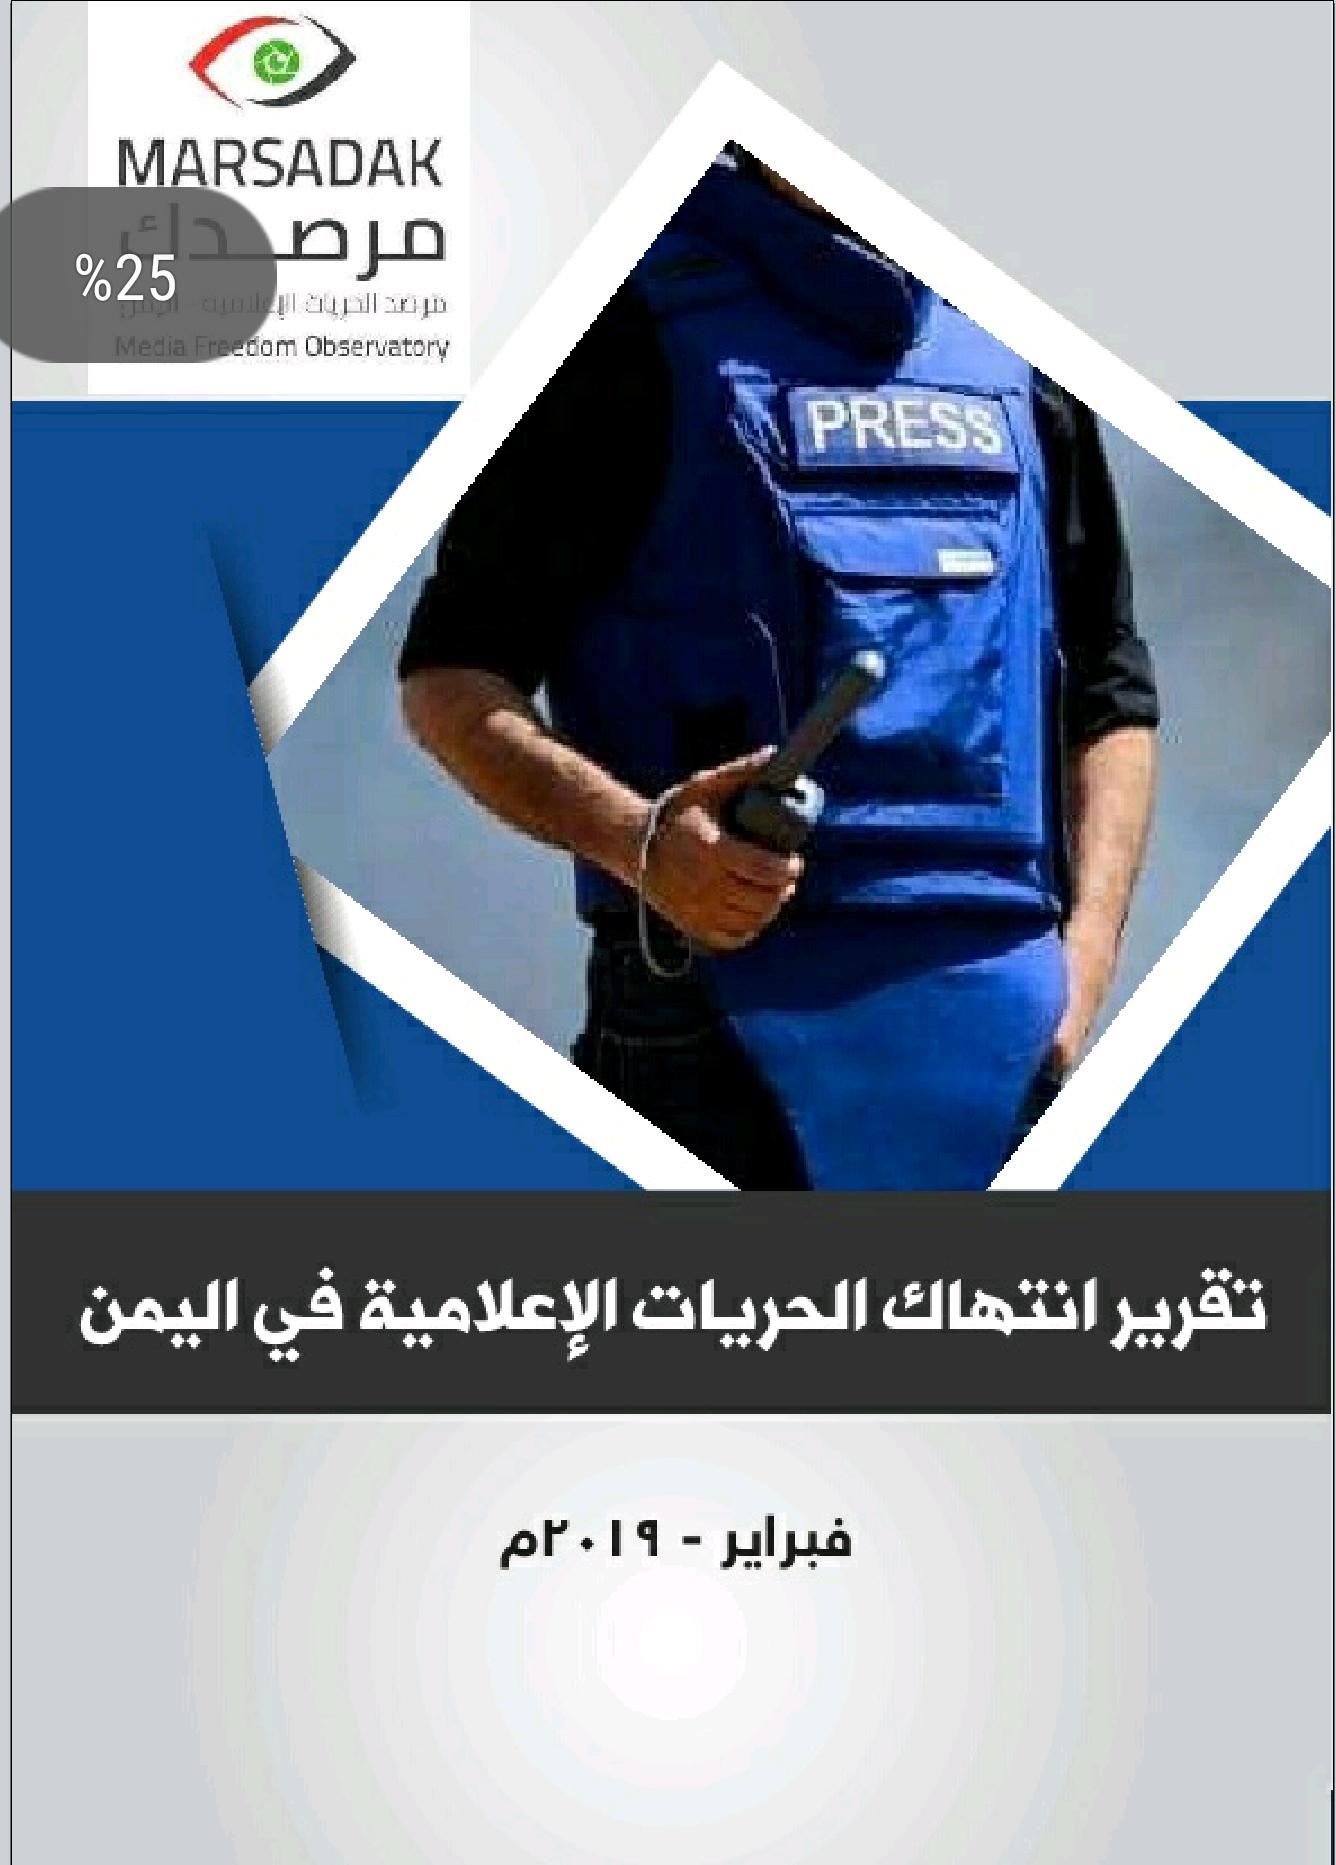 مرصد الحريات الاعلامية: 43 انتهاك ضد الحريات الاعلامية في اليمن خلال شهر فبراير الماضي